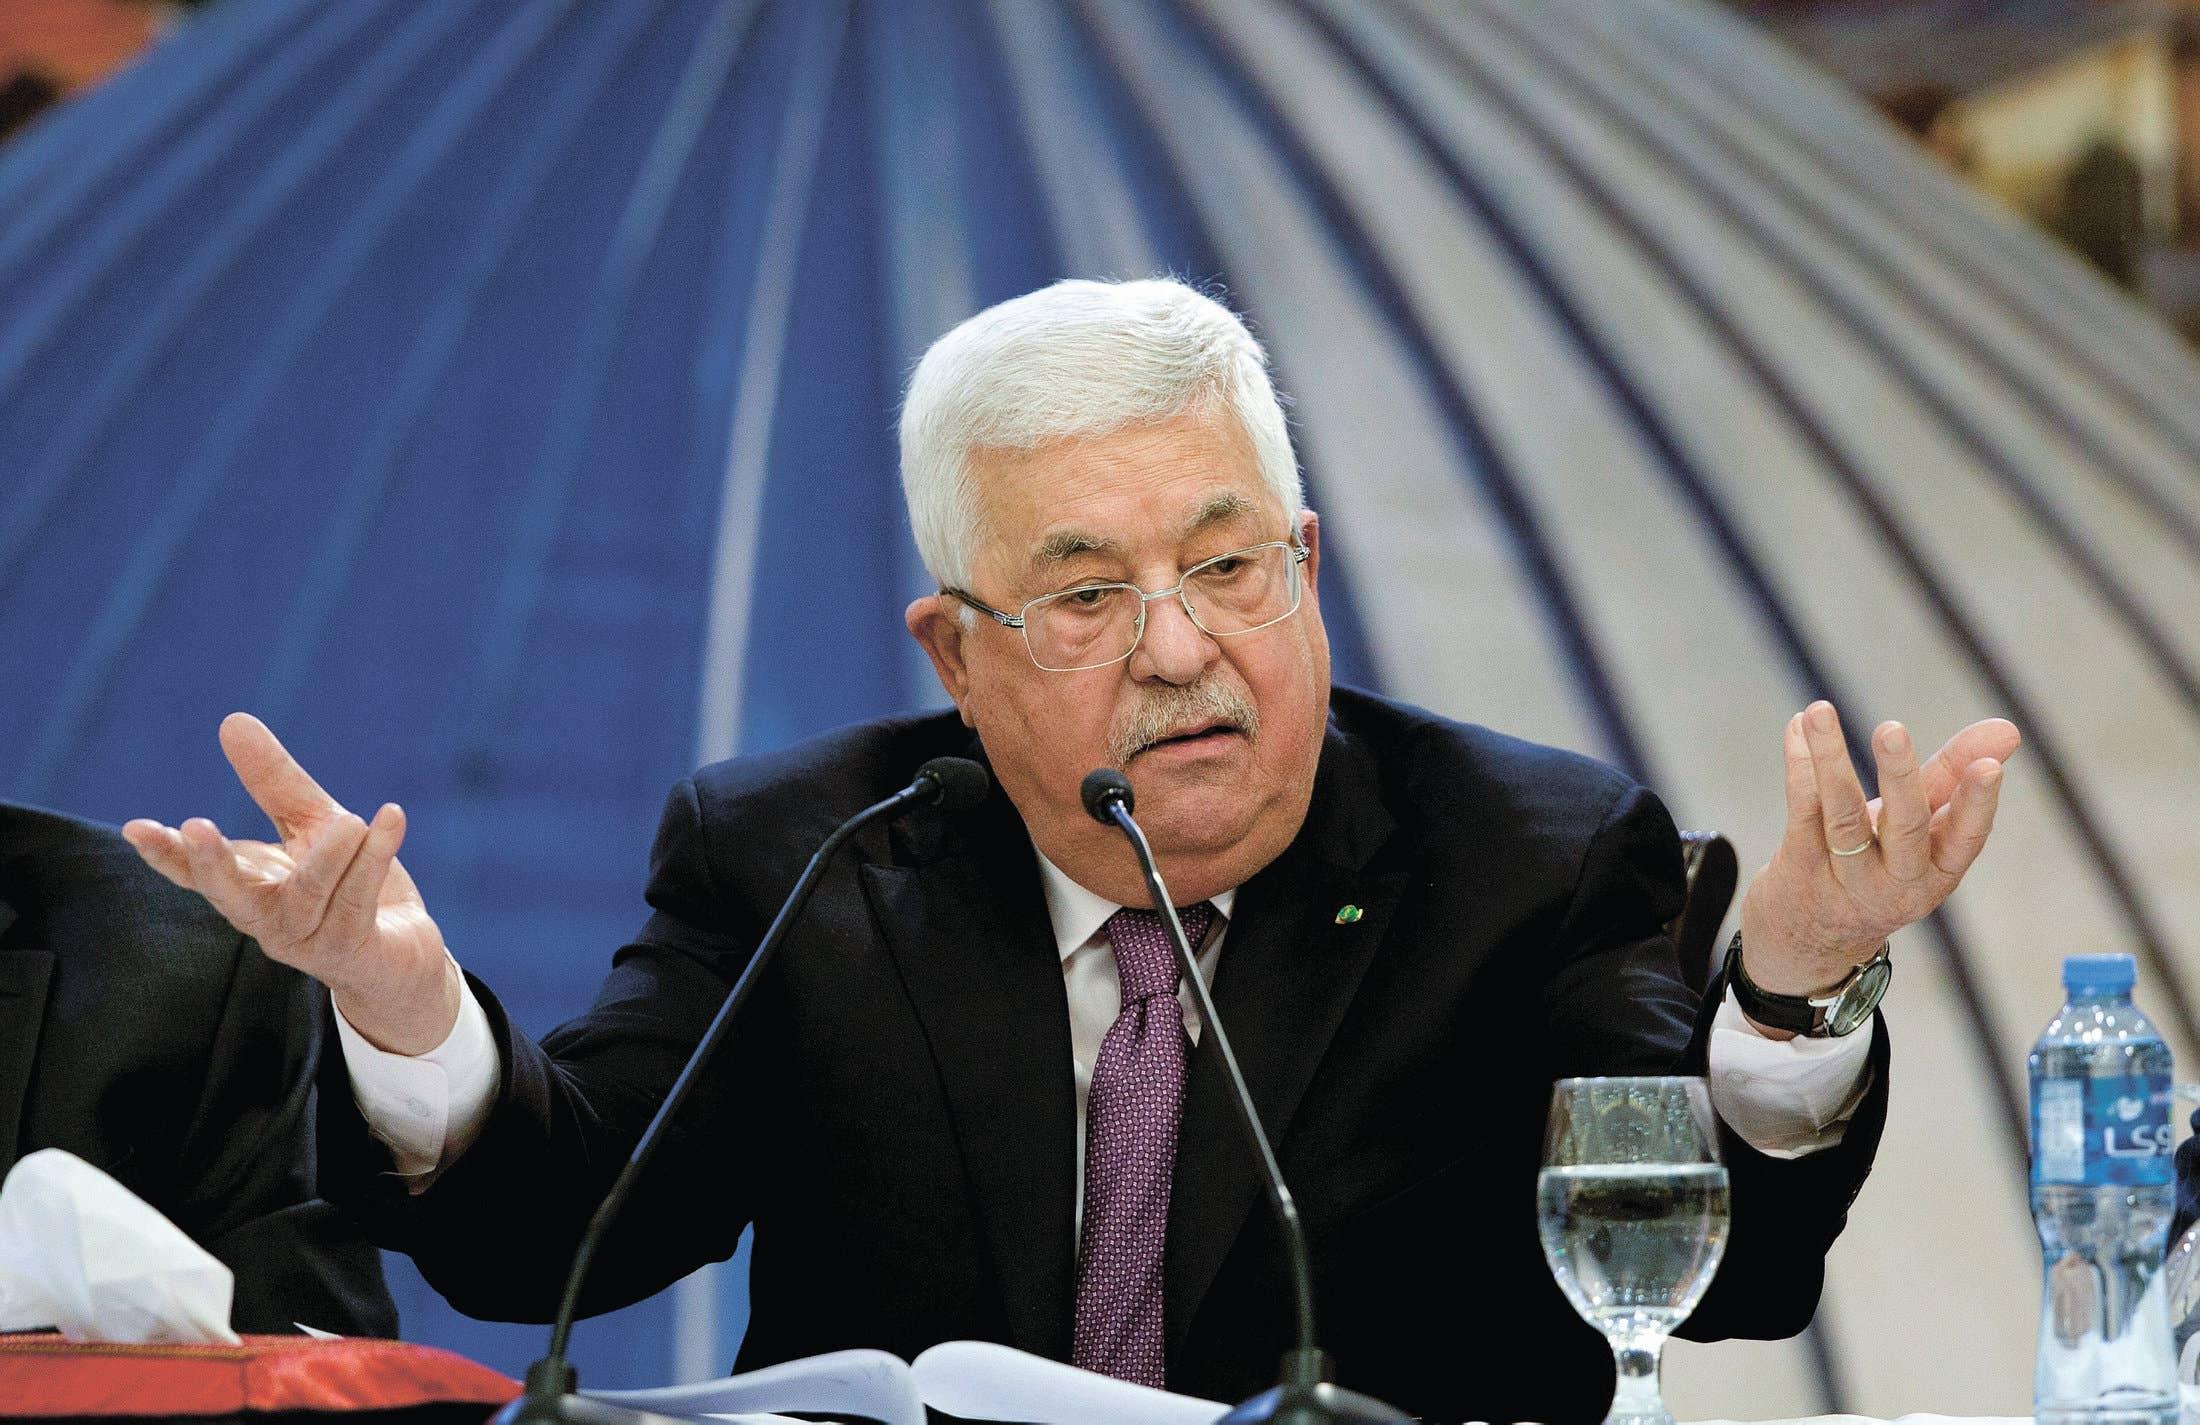 استمرار التفرد بالسلطة.. أبو مازن يقصي أحزابا من منظمة التحرير!